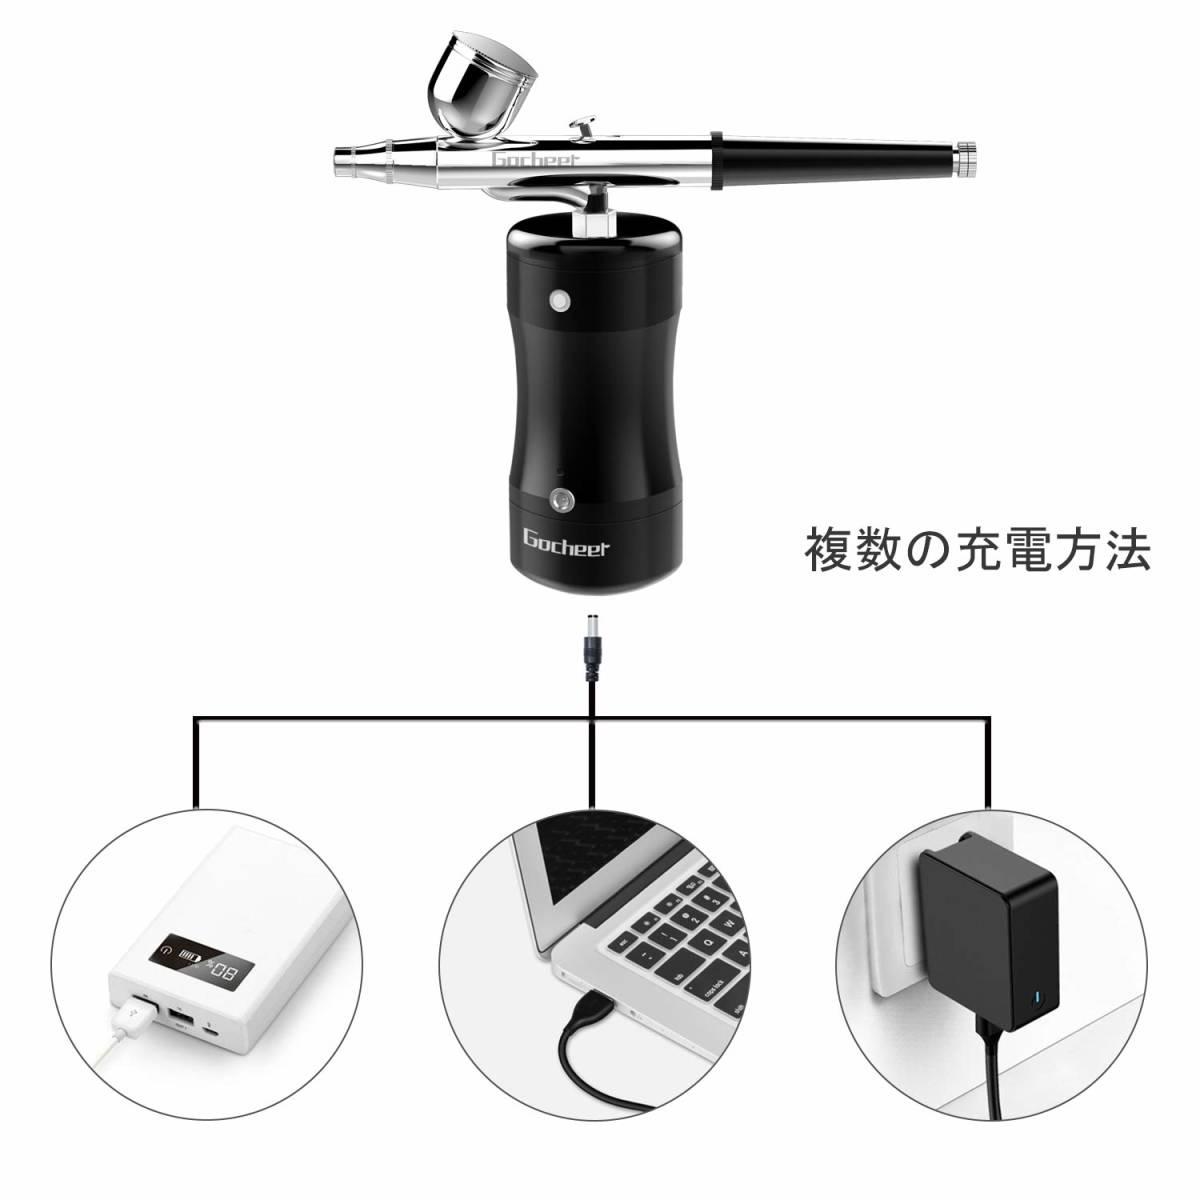 ゴシェール/Gocheer 充電式エアブラシ用一体化コンプレッサー黒(小型 USB充電ライン イルレス シングルアクションエアブラシ付きPS-1/8_画像2